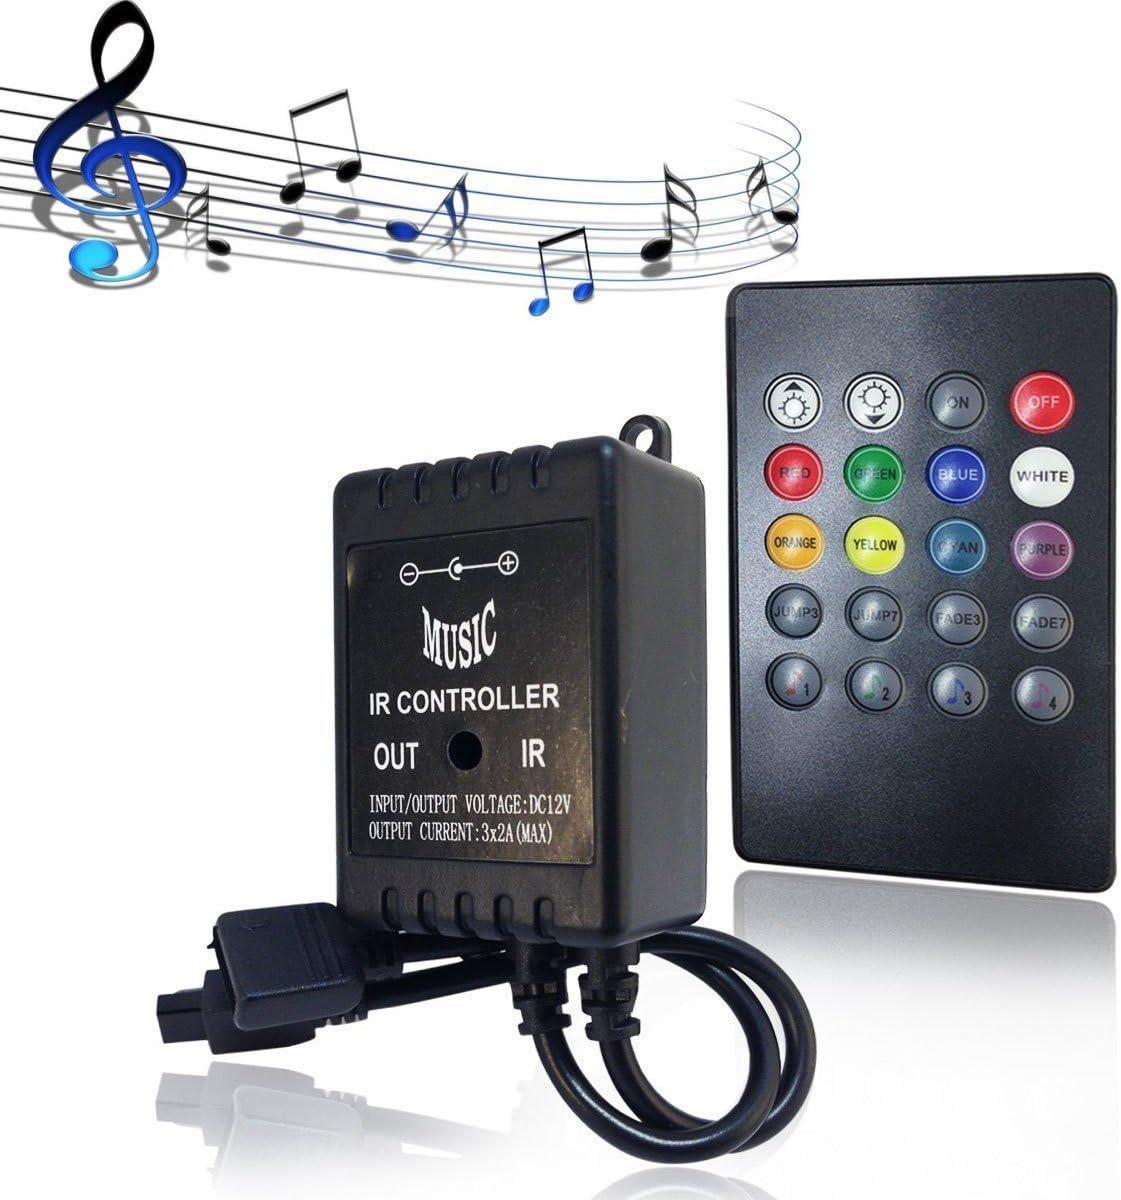 LED Controlador 20 Keys LED RGB Strip IR Remote Music Controller Control de Mando a Distancia Controlador para 3528/5050 SMD Tira LED RGB Tira de Luz LED DC 12V Cambio de Color LED Barra de luz